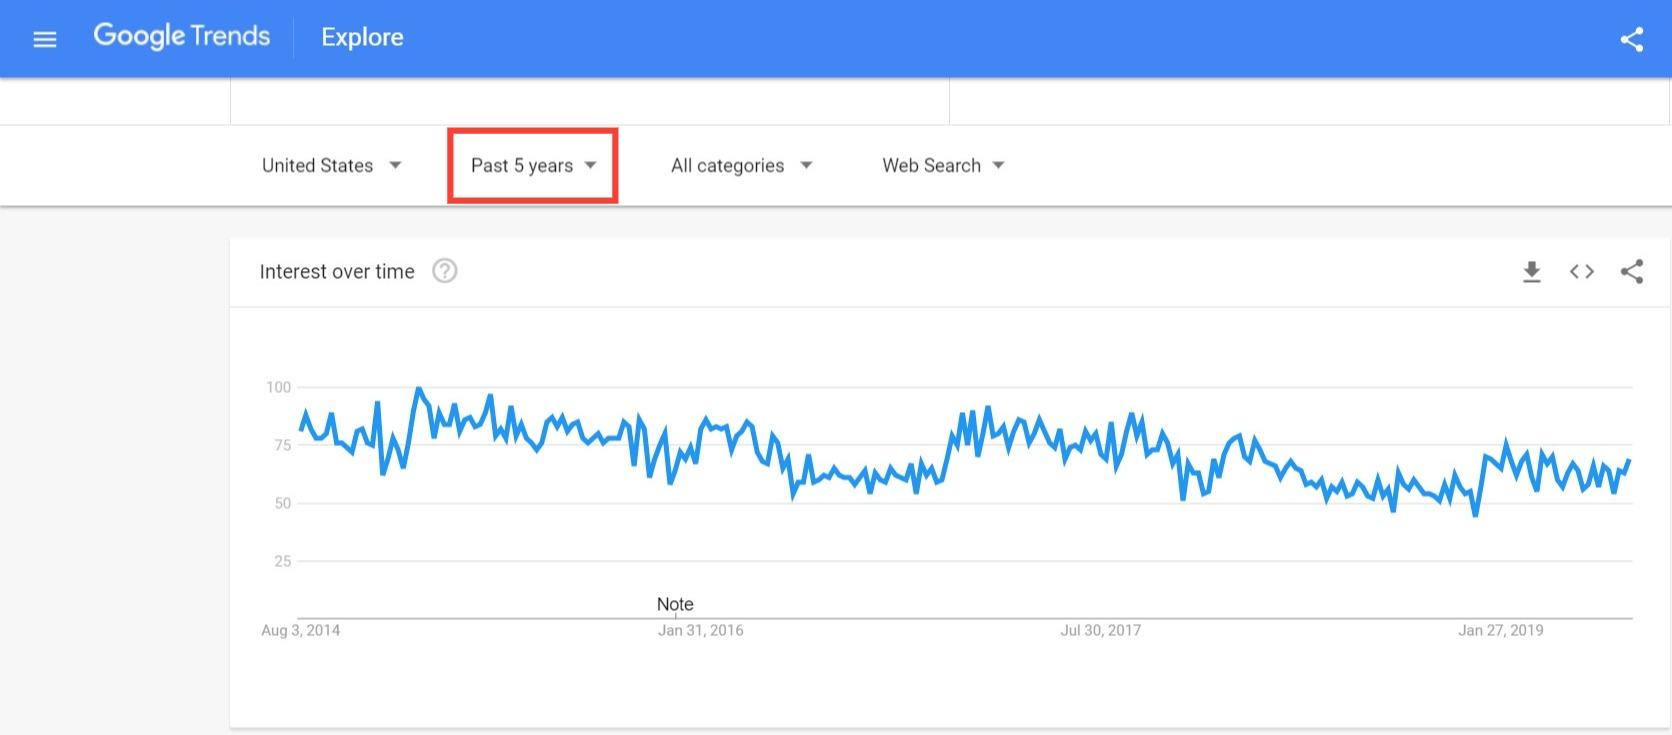 website builder - Explore - Google Trends